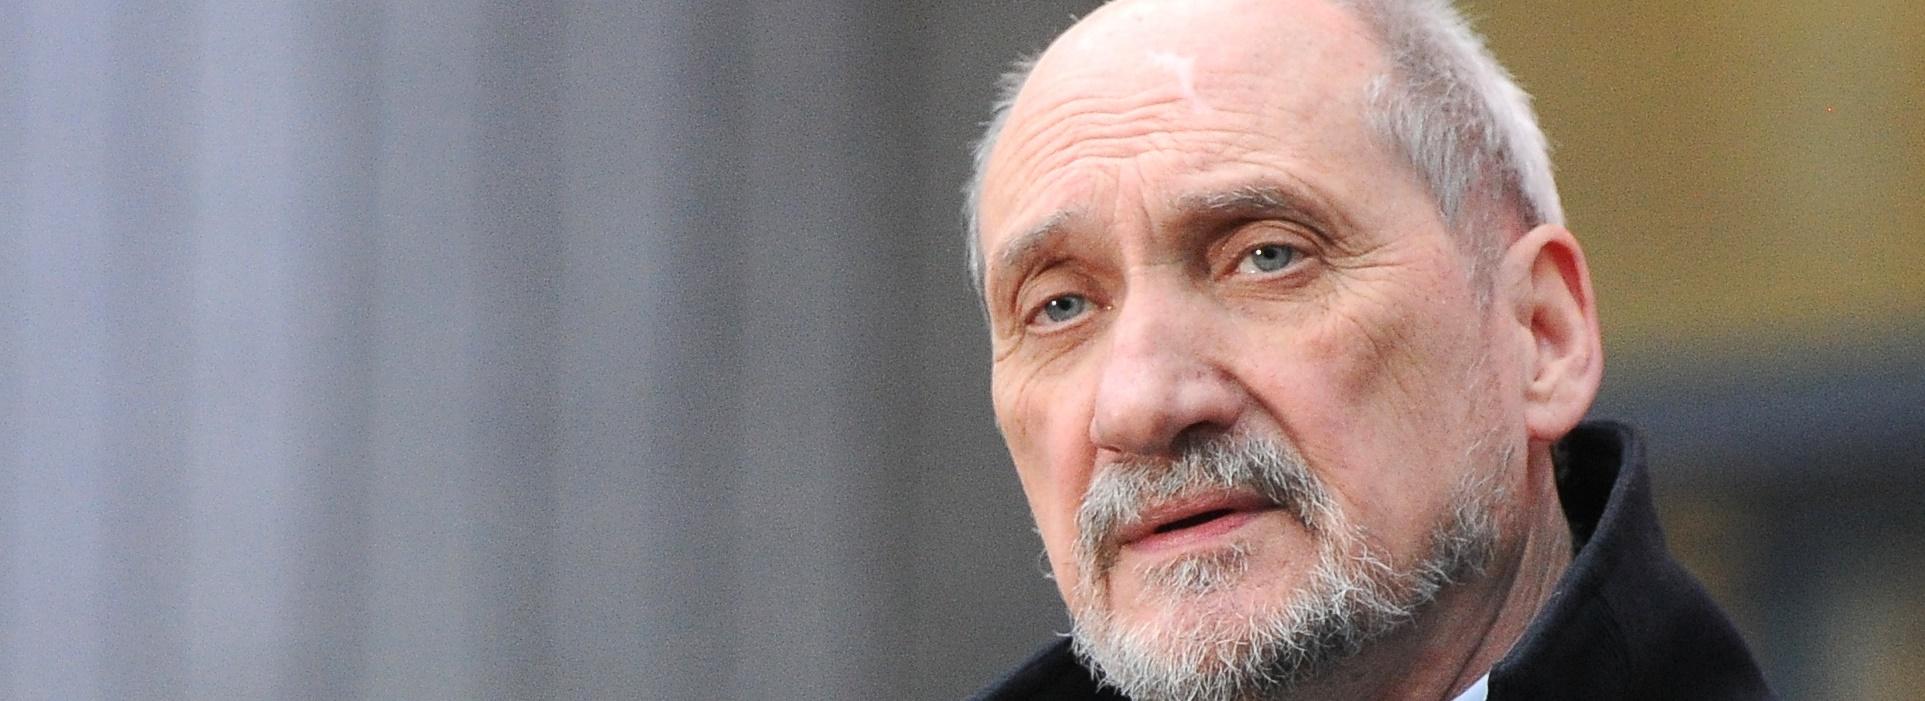 Antoni Macierewicz złożył do prokuratury doniesienie na PO